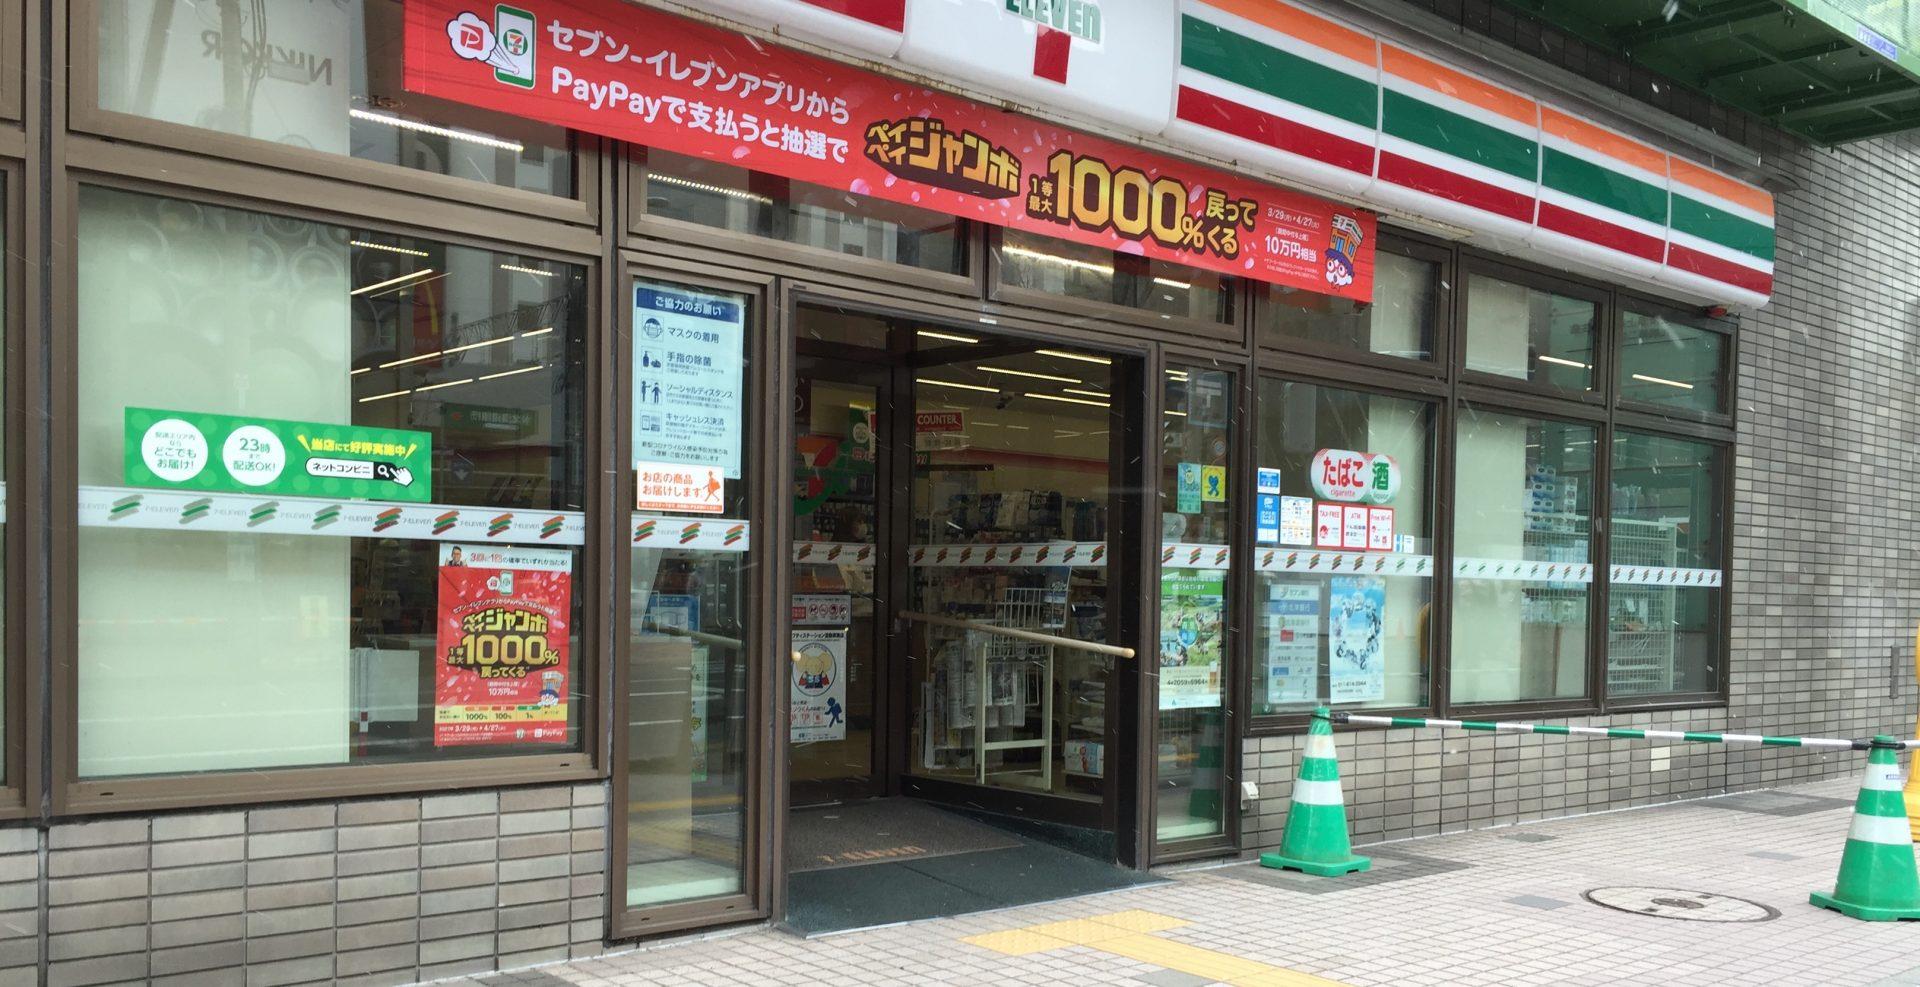 札幌駅北口ヨドバシカメラ近くにあるセブンイレブンの玄関1